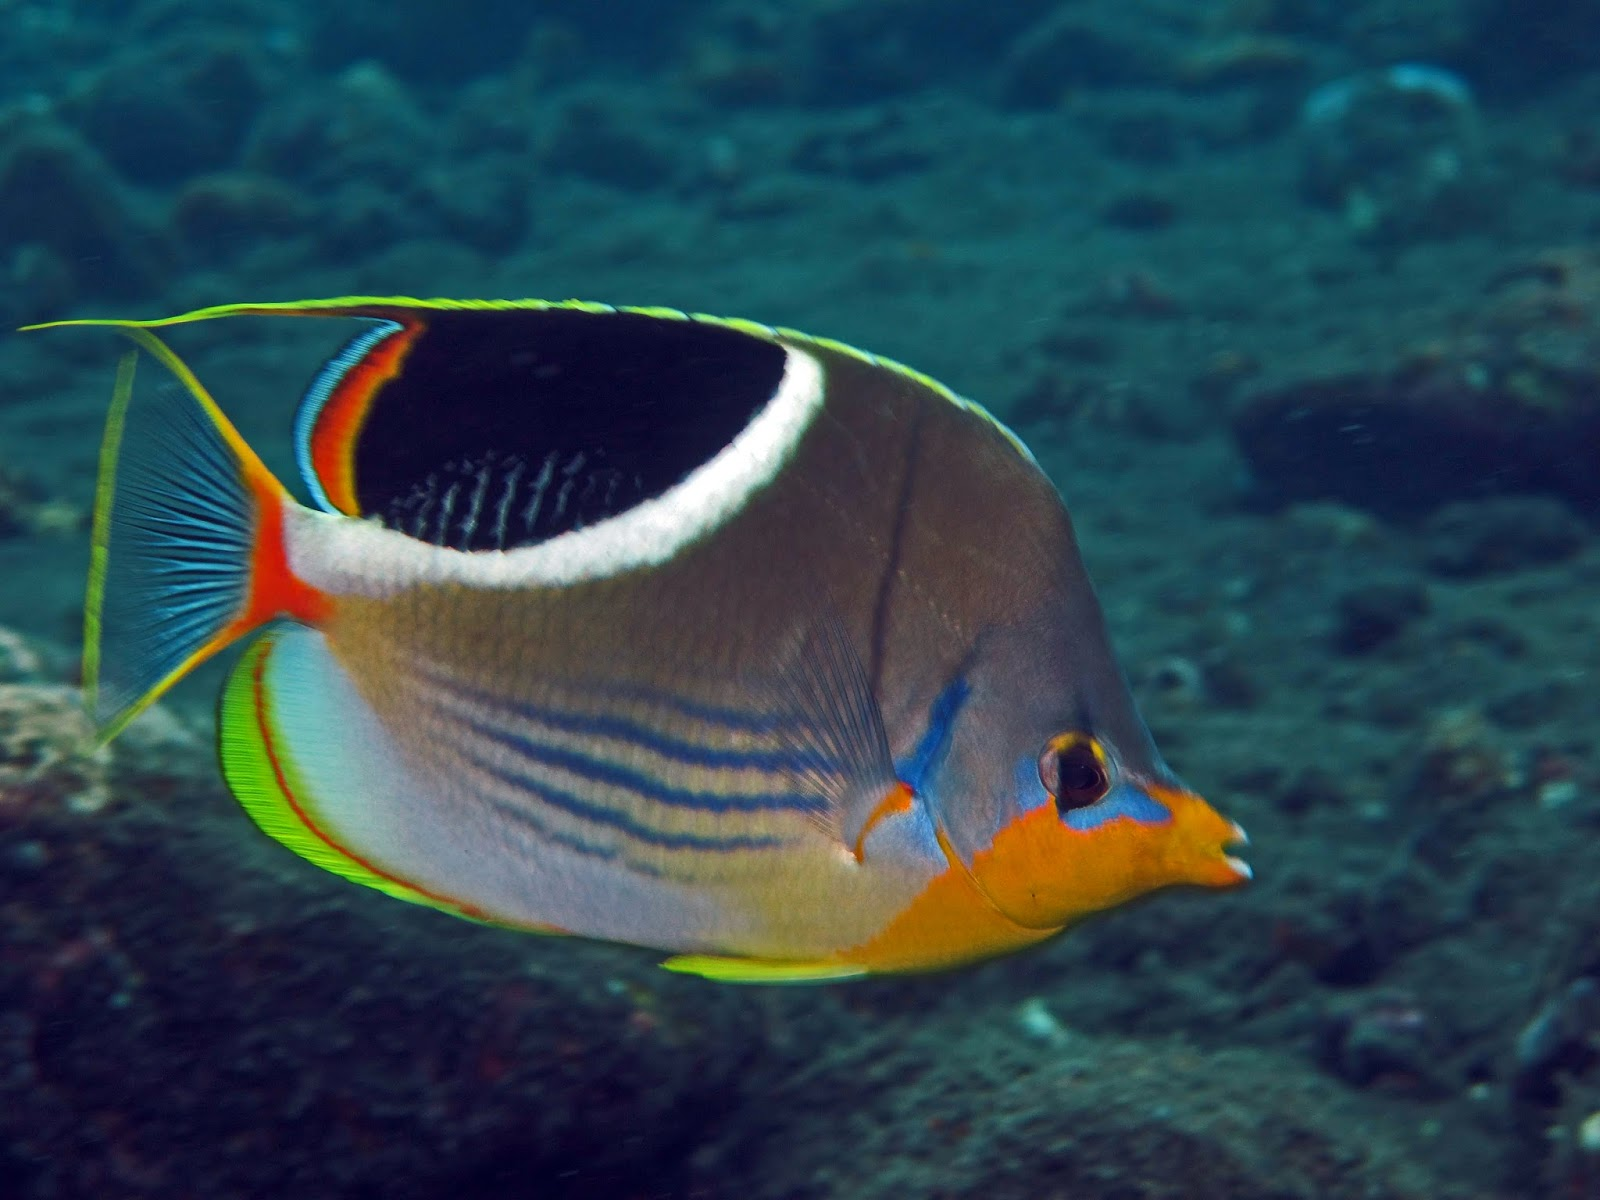 Peces y plantas ornamentales chaetodon ephippium pez for Manual de peces ornamentales